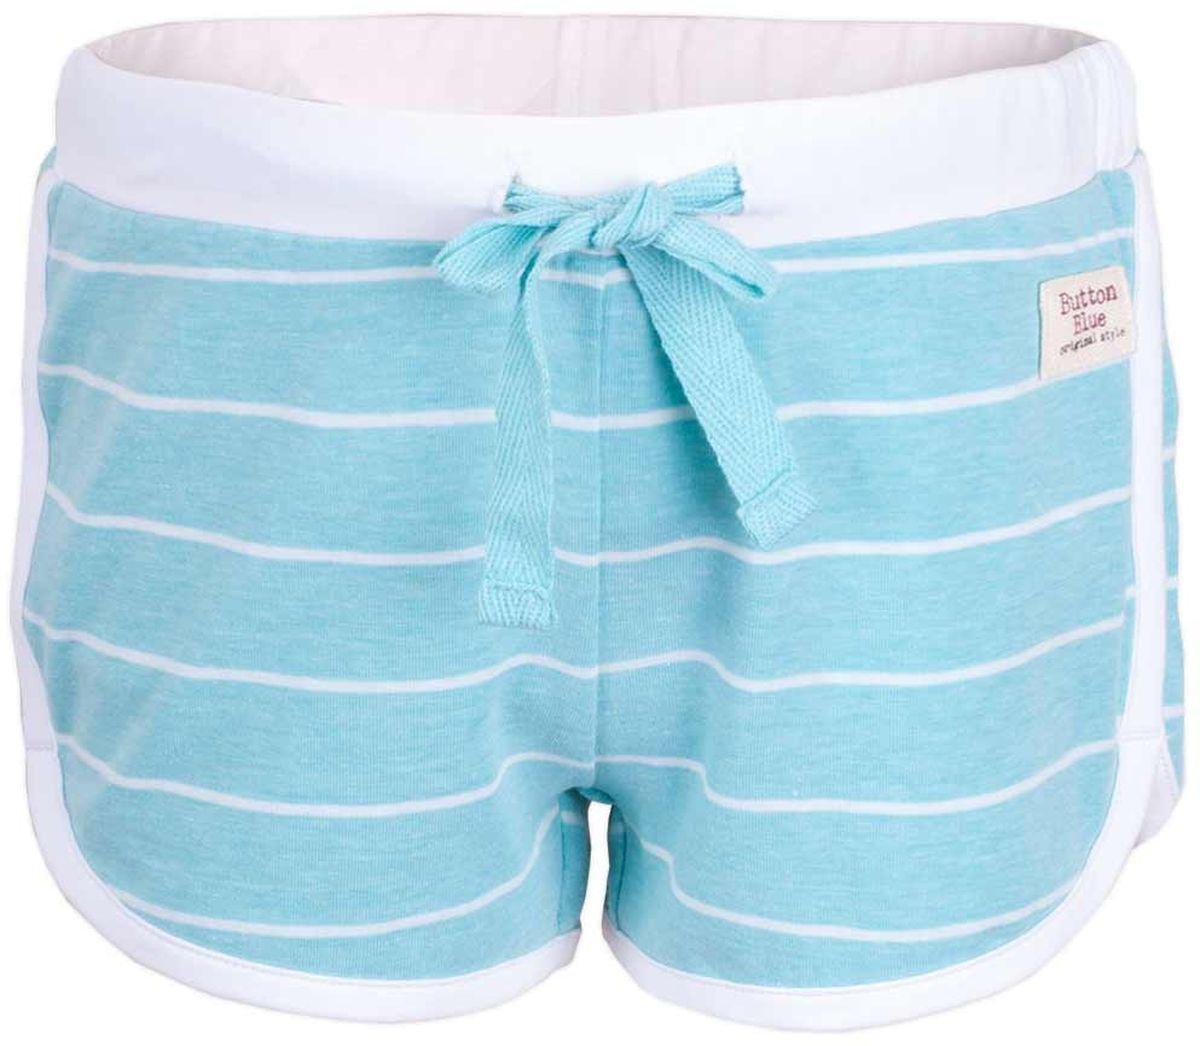 Шорты117BBGC54012605Детские трикотажные шорты — образец комфорта! Полосатые шорты для девочки сделают любой летний комплект в спортивном стиле ярким и интересным. Если вы хотите купить недорого трикотажные шорты на каждый день, модель от Button Blue — то, что нужно.